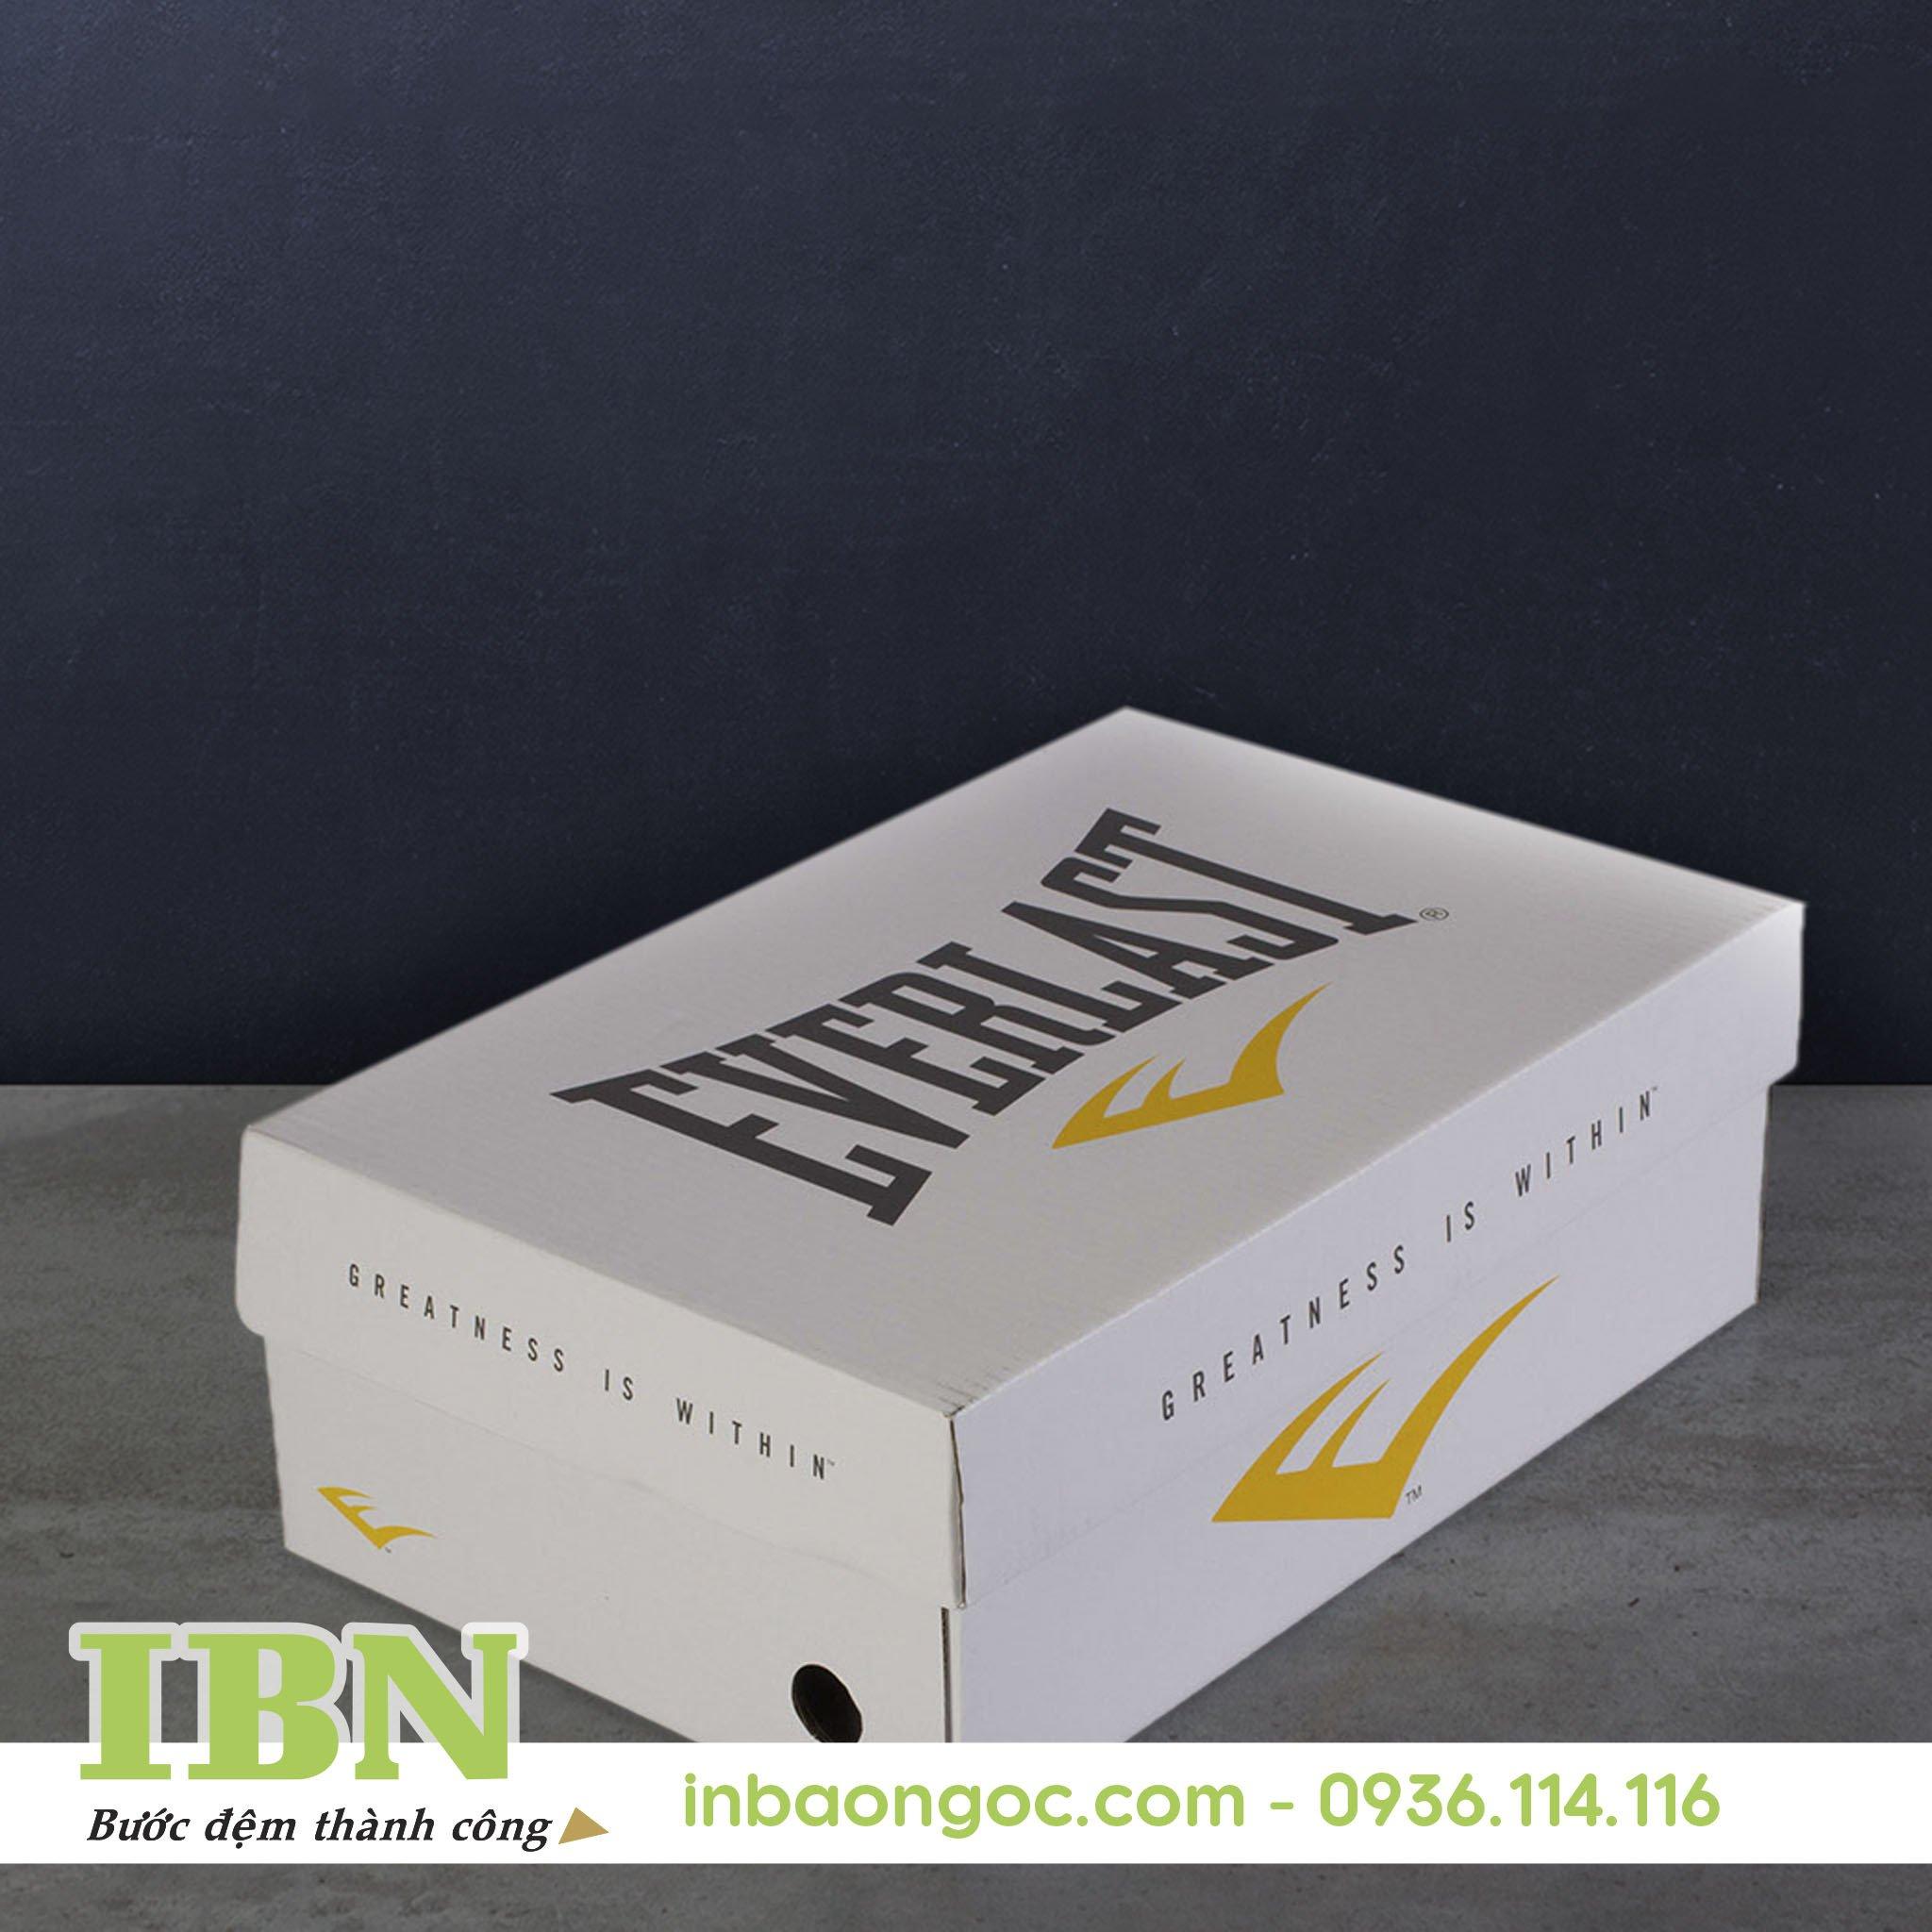 Mẫu hộp giấy đựng giày đẹp 01